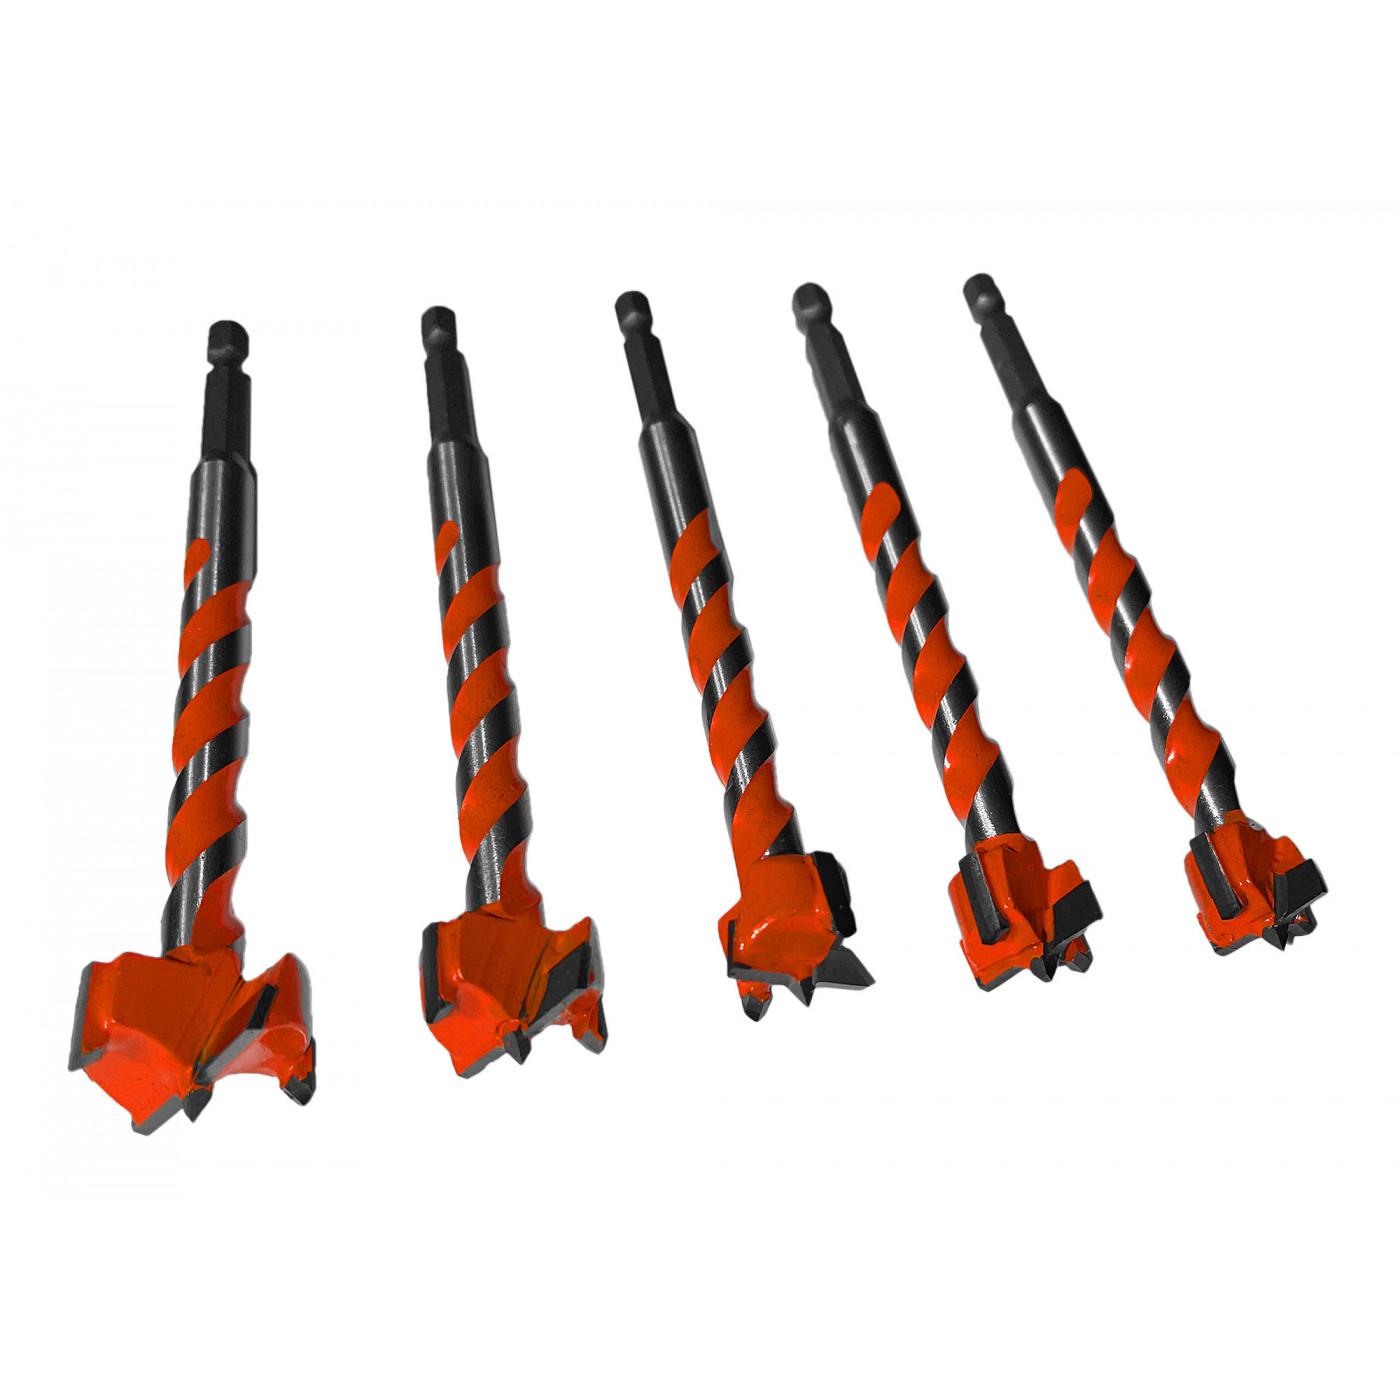 Set van 5 gatenzagen (forstner, 16-25 mm, zeskantschacht)  - 1